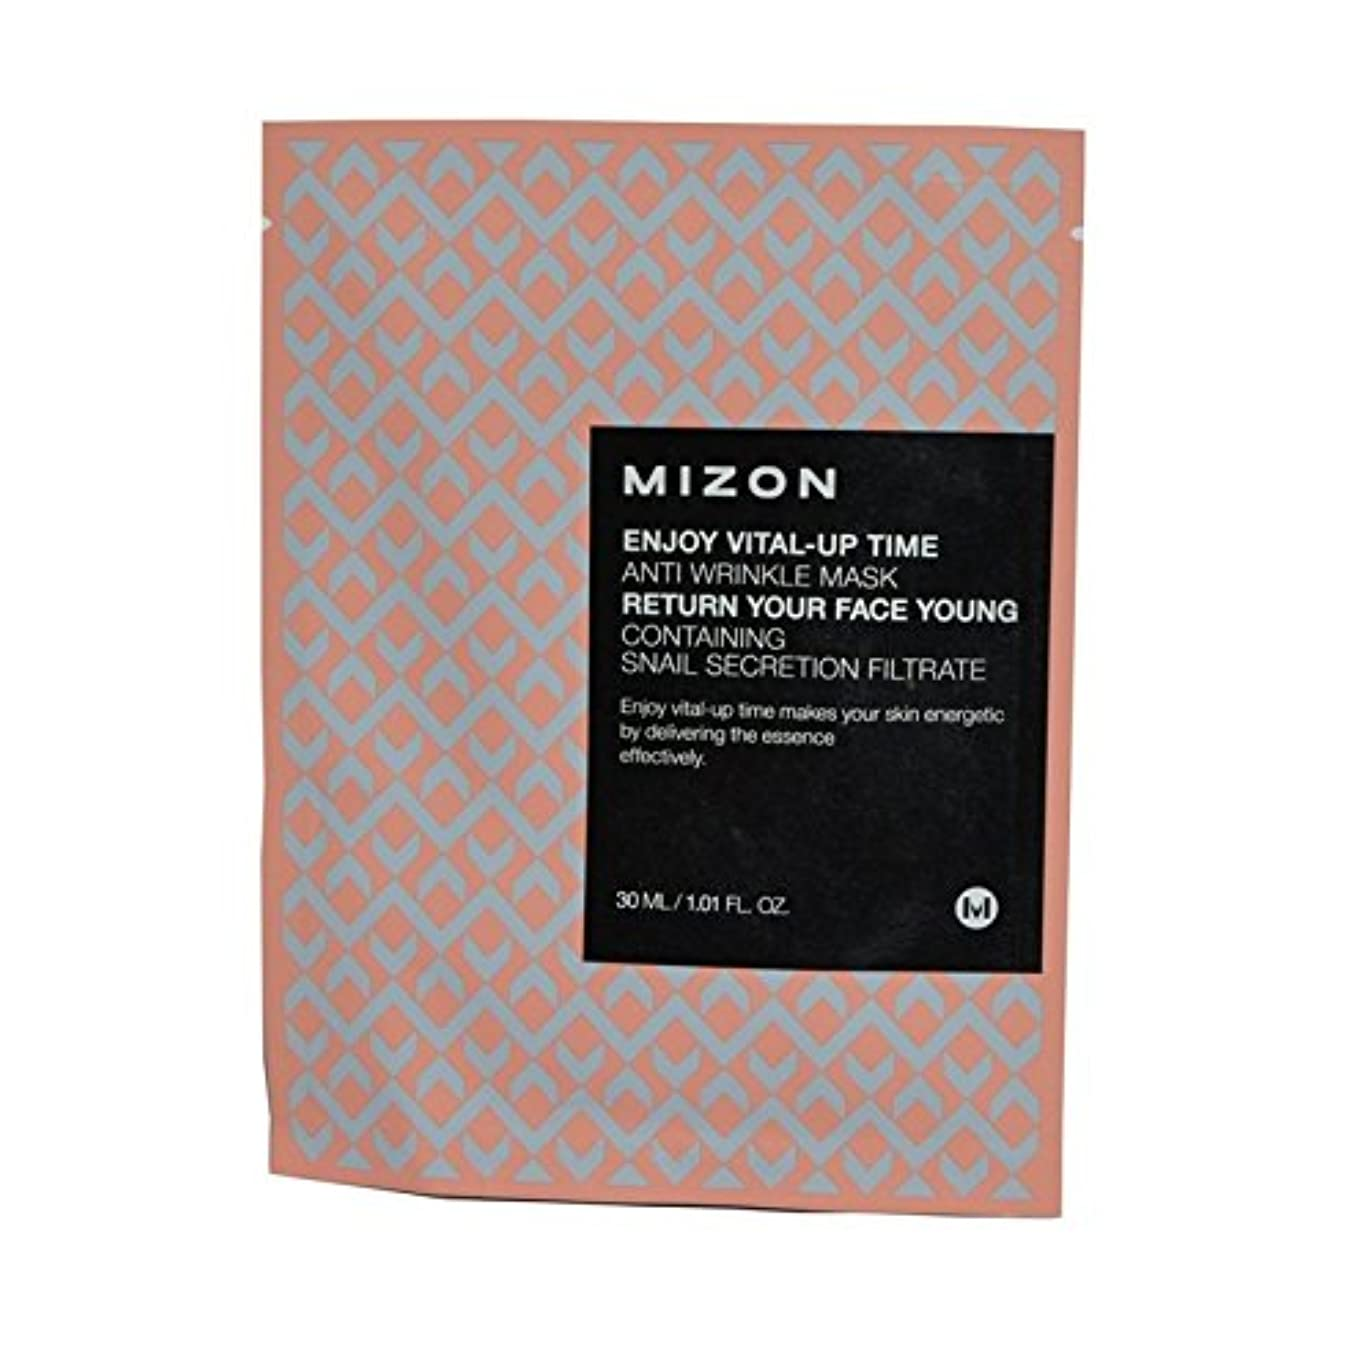 災難避難誰のMizon Enjoy Vital Up Time Anti-Wrinkle Mask - が不可欠アップ時間抗しわマスクを楽しみます [並行輸入品]